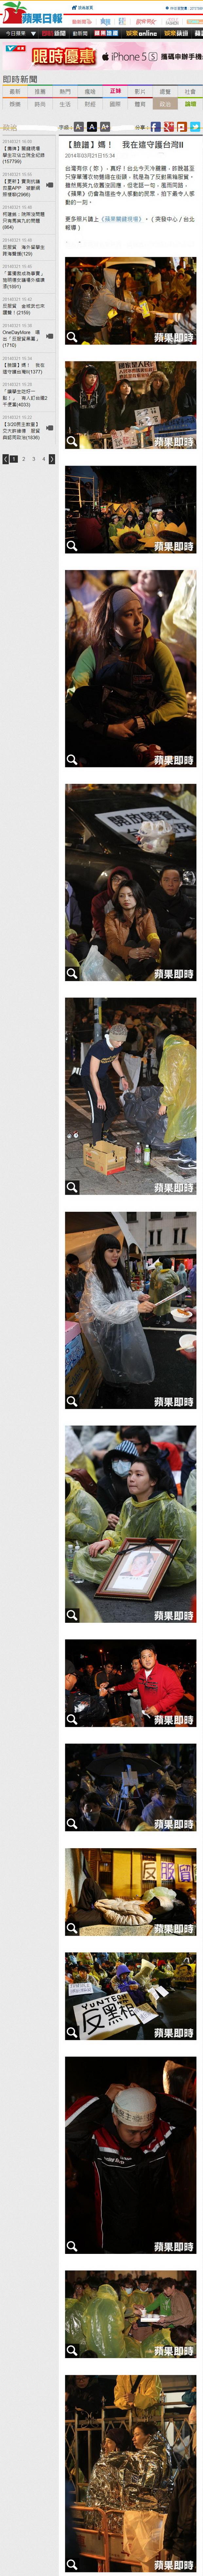 【臉譜】媽!我在這守護台灣II-2014.03.21.jpg